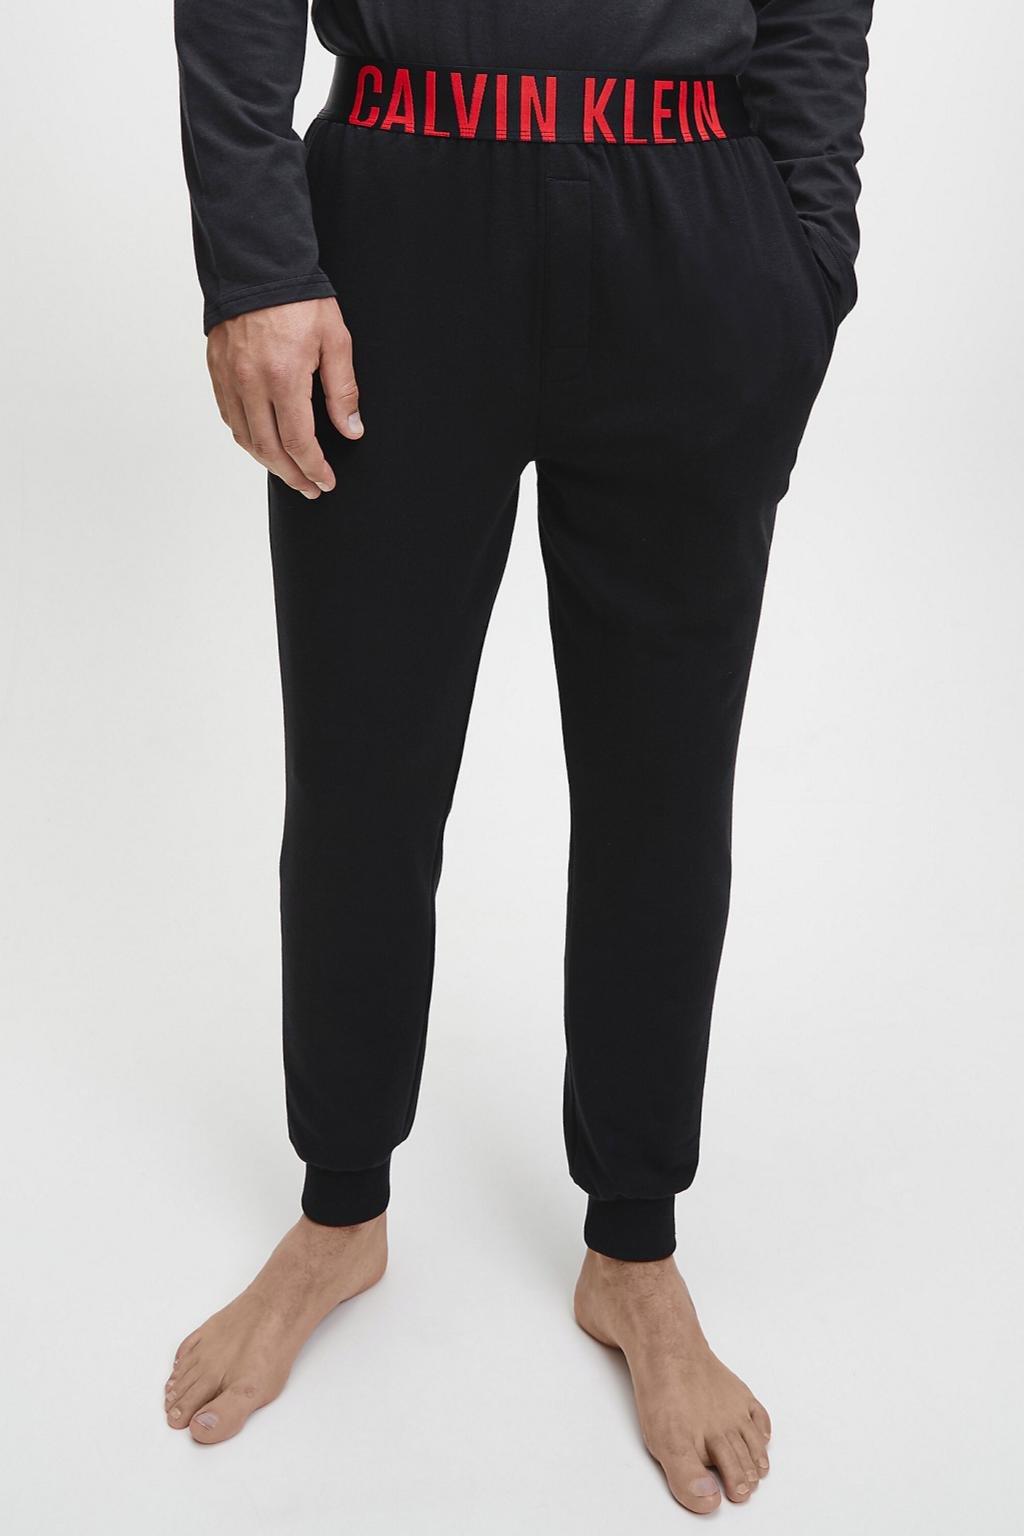 Calvin Klein Intense Power pánské volnočasové kalhoty - černé